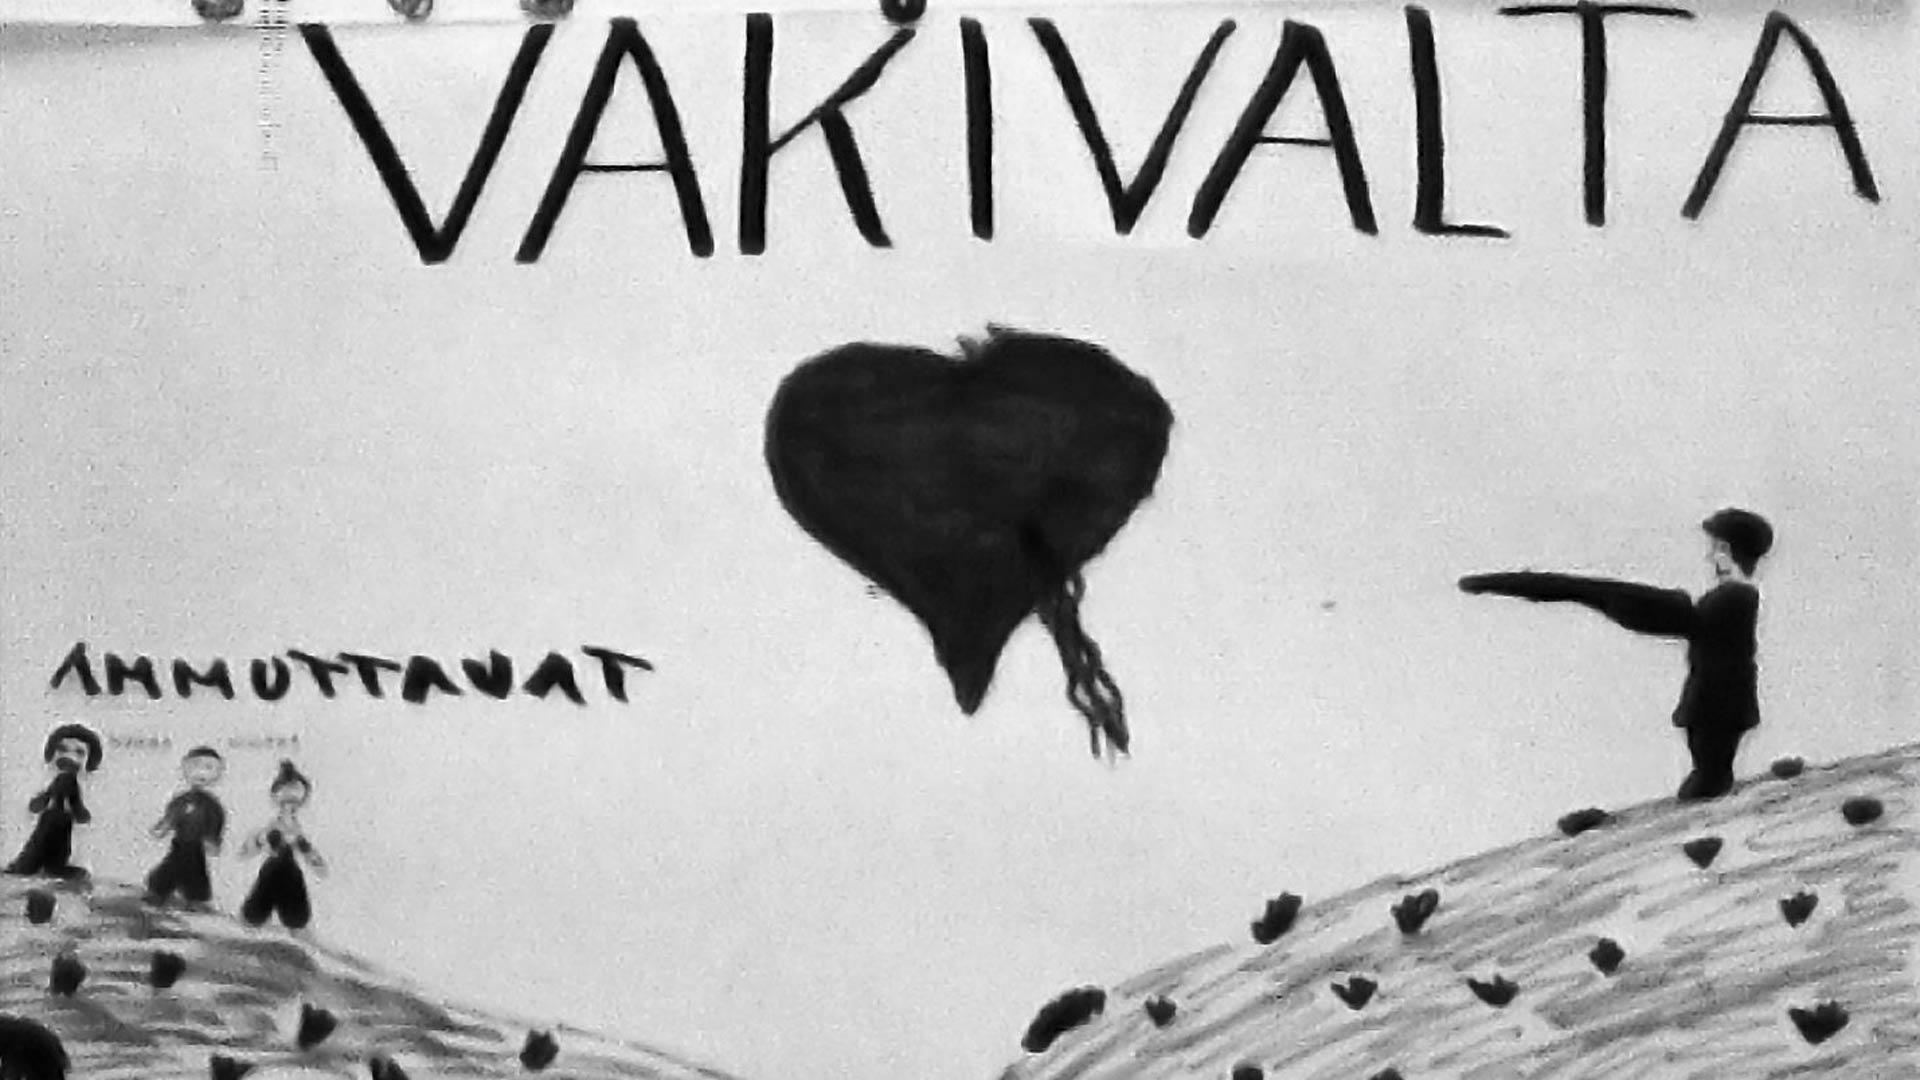 Pirkkalan esikokeilussa maaliskuussa 1973 annetun opetuksen perusteella oppilaat piirsivät kapitalistimaiden aiheuttamasta väkivallasta kehitysmaissa.